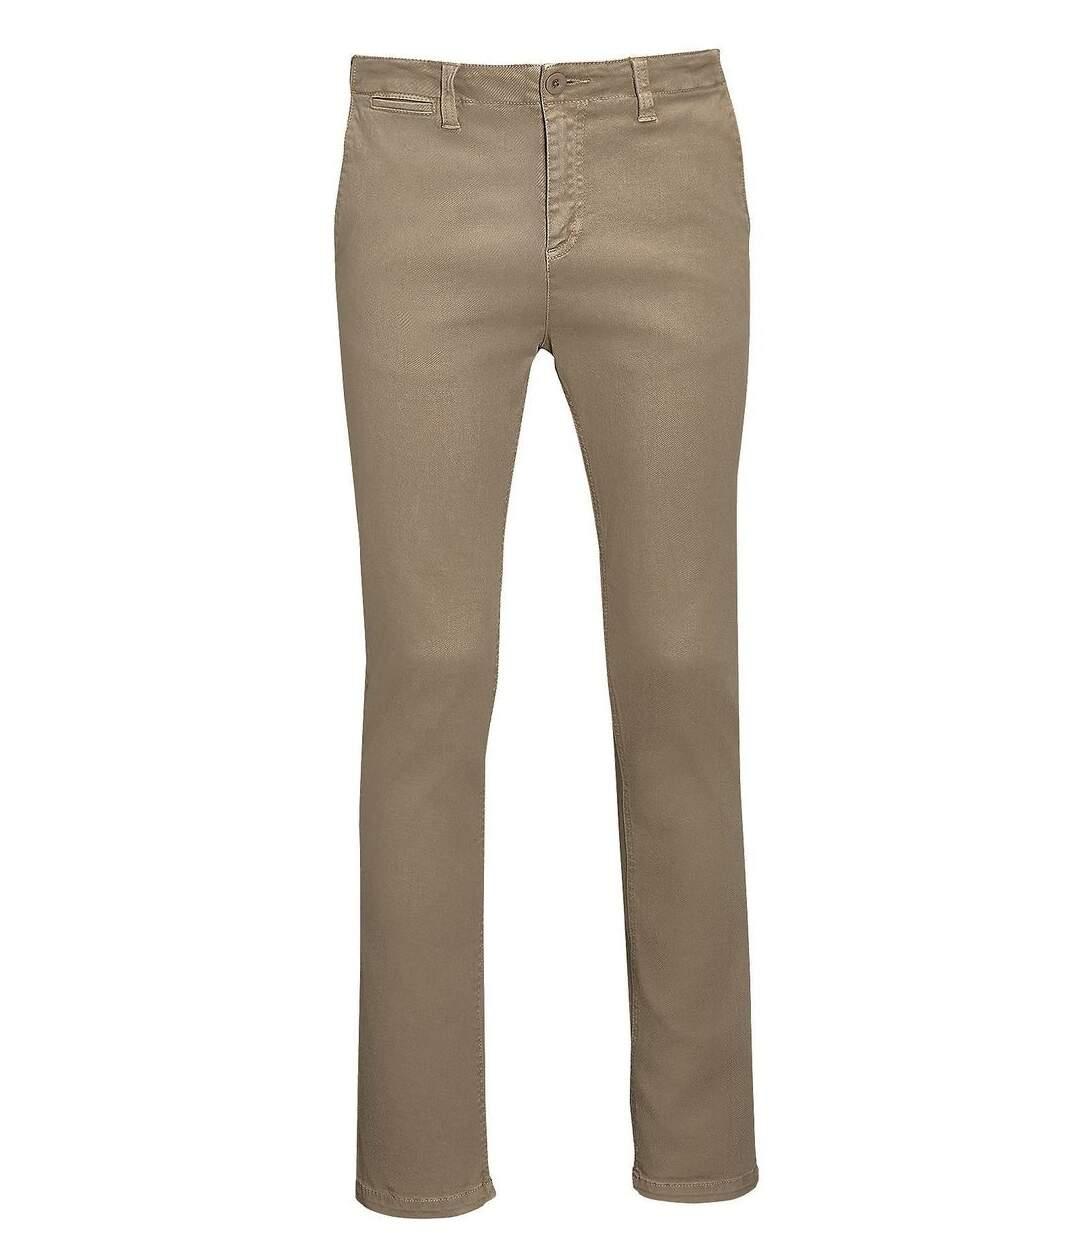 pantalon toile stretch homme - 01424 L33 - beige chataigne